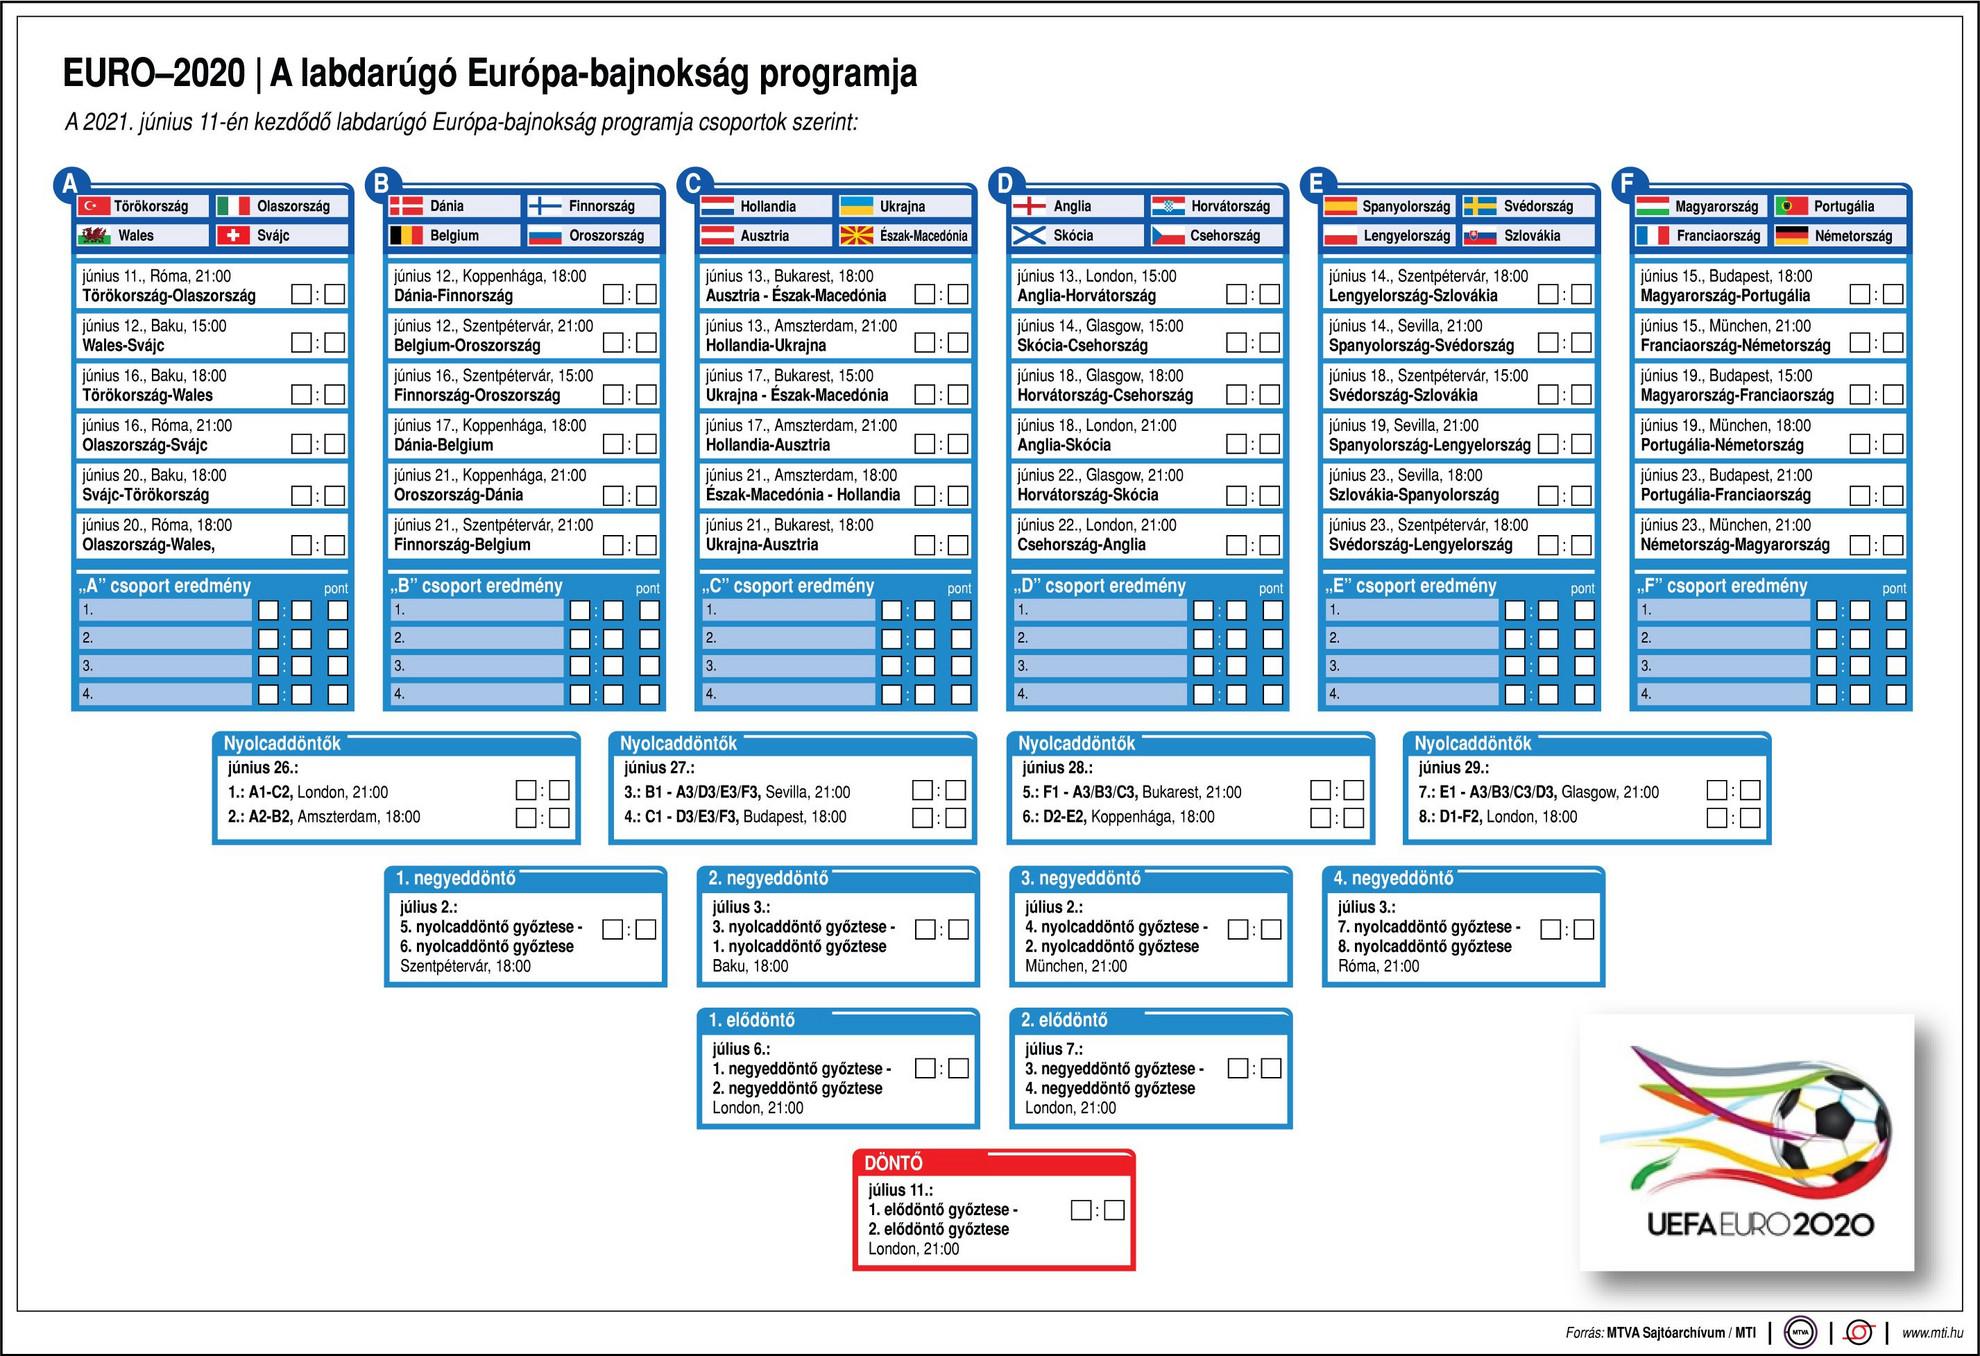 A 2021. június 11-én kezdődő labdarúgó Európa-bajnokság programja csoportok szerint